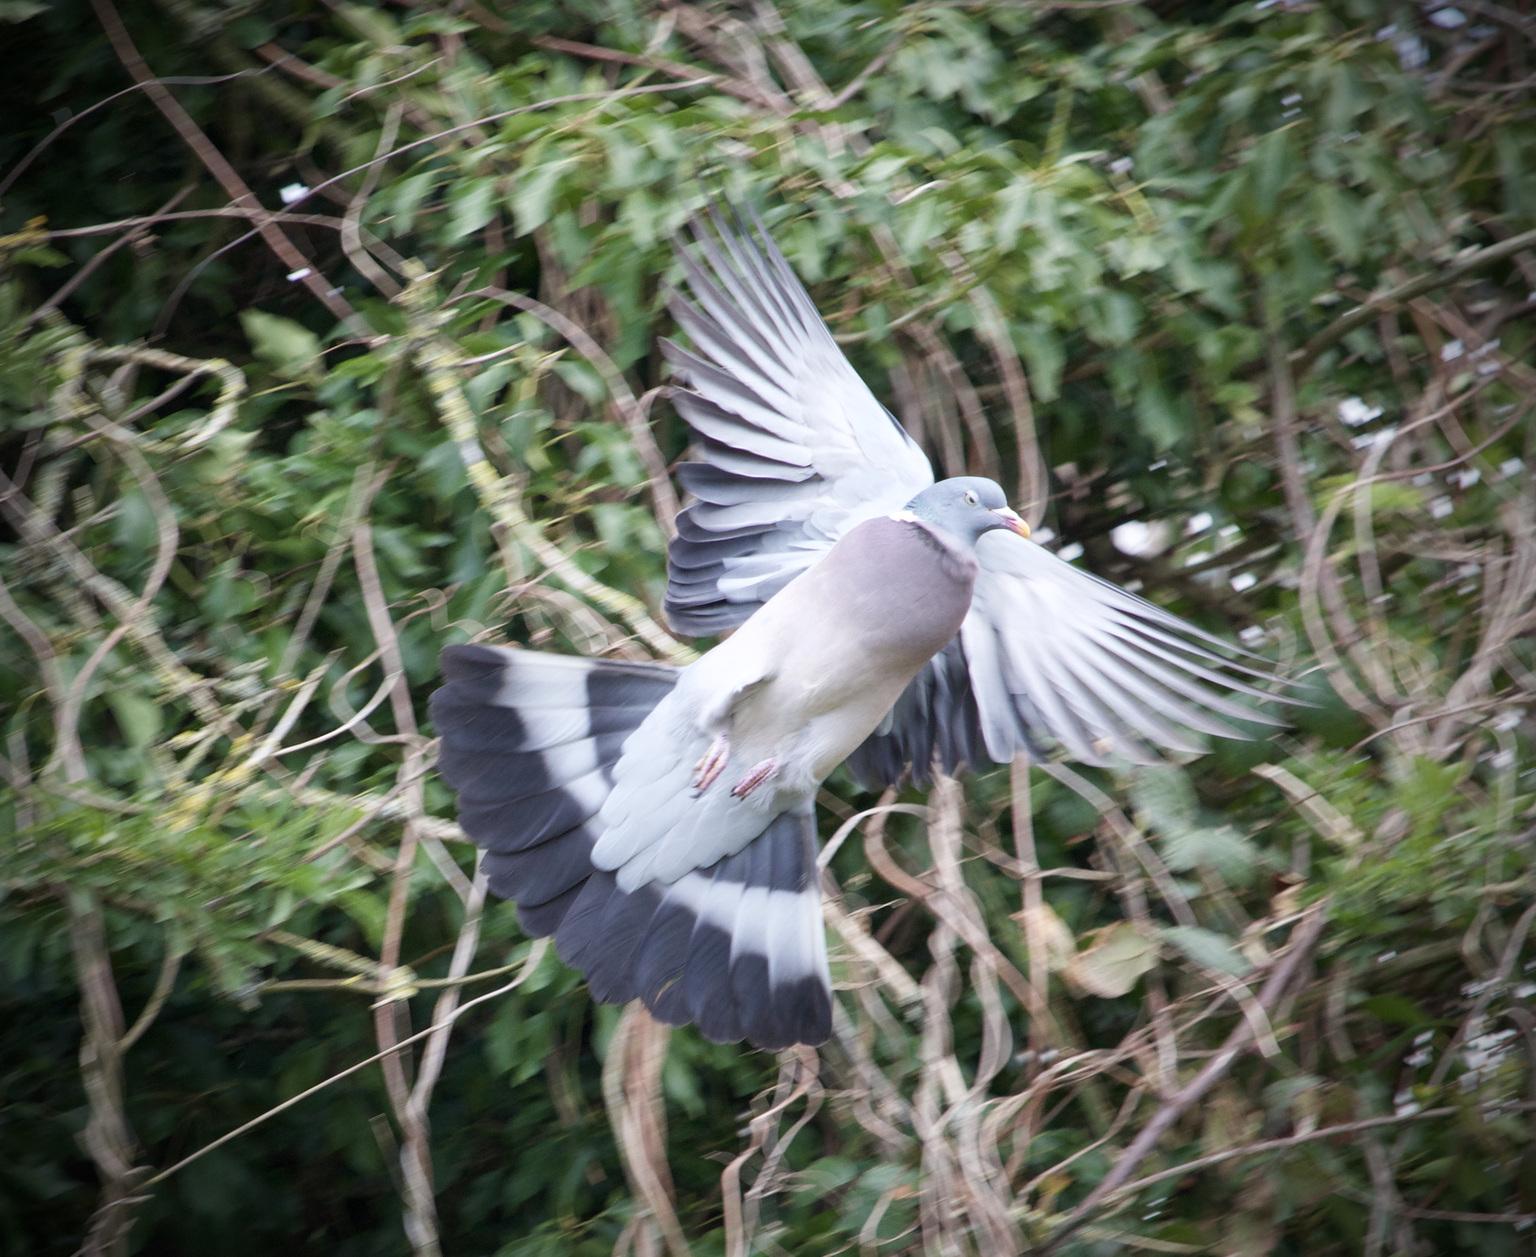 vliegende duif - wegvliegende duif - foto door Aad-Tomaat op 14-04-2021 - deze foto bevat: vogel, bek, forsters stern, takje, veer, vleugel, rennen, stern, staart, zeevogel